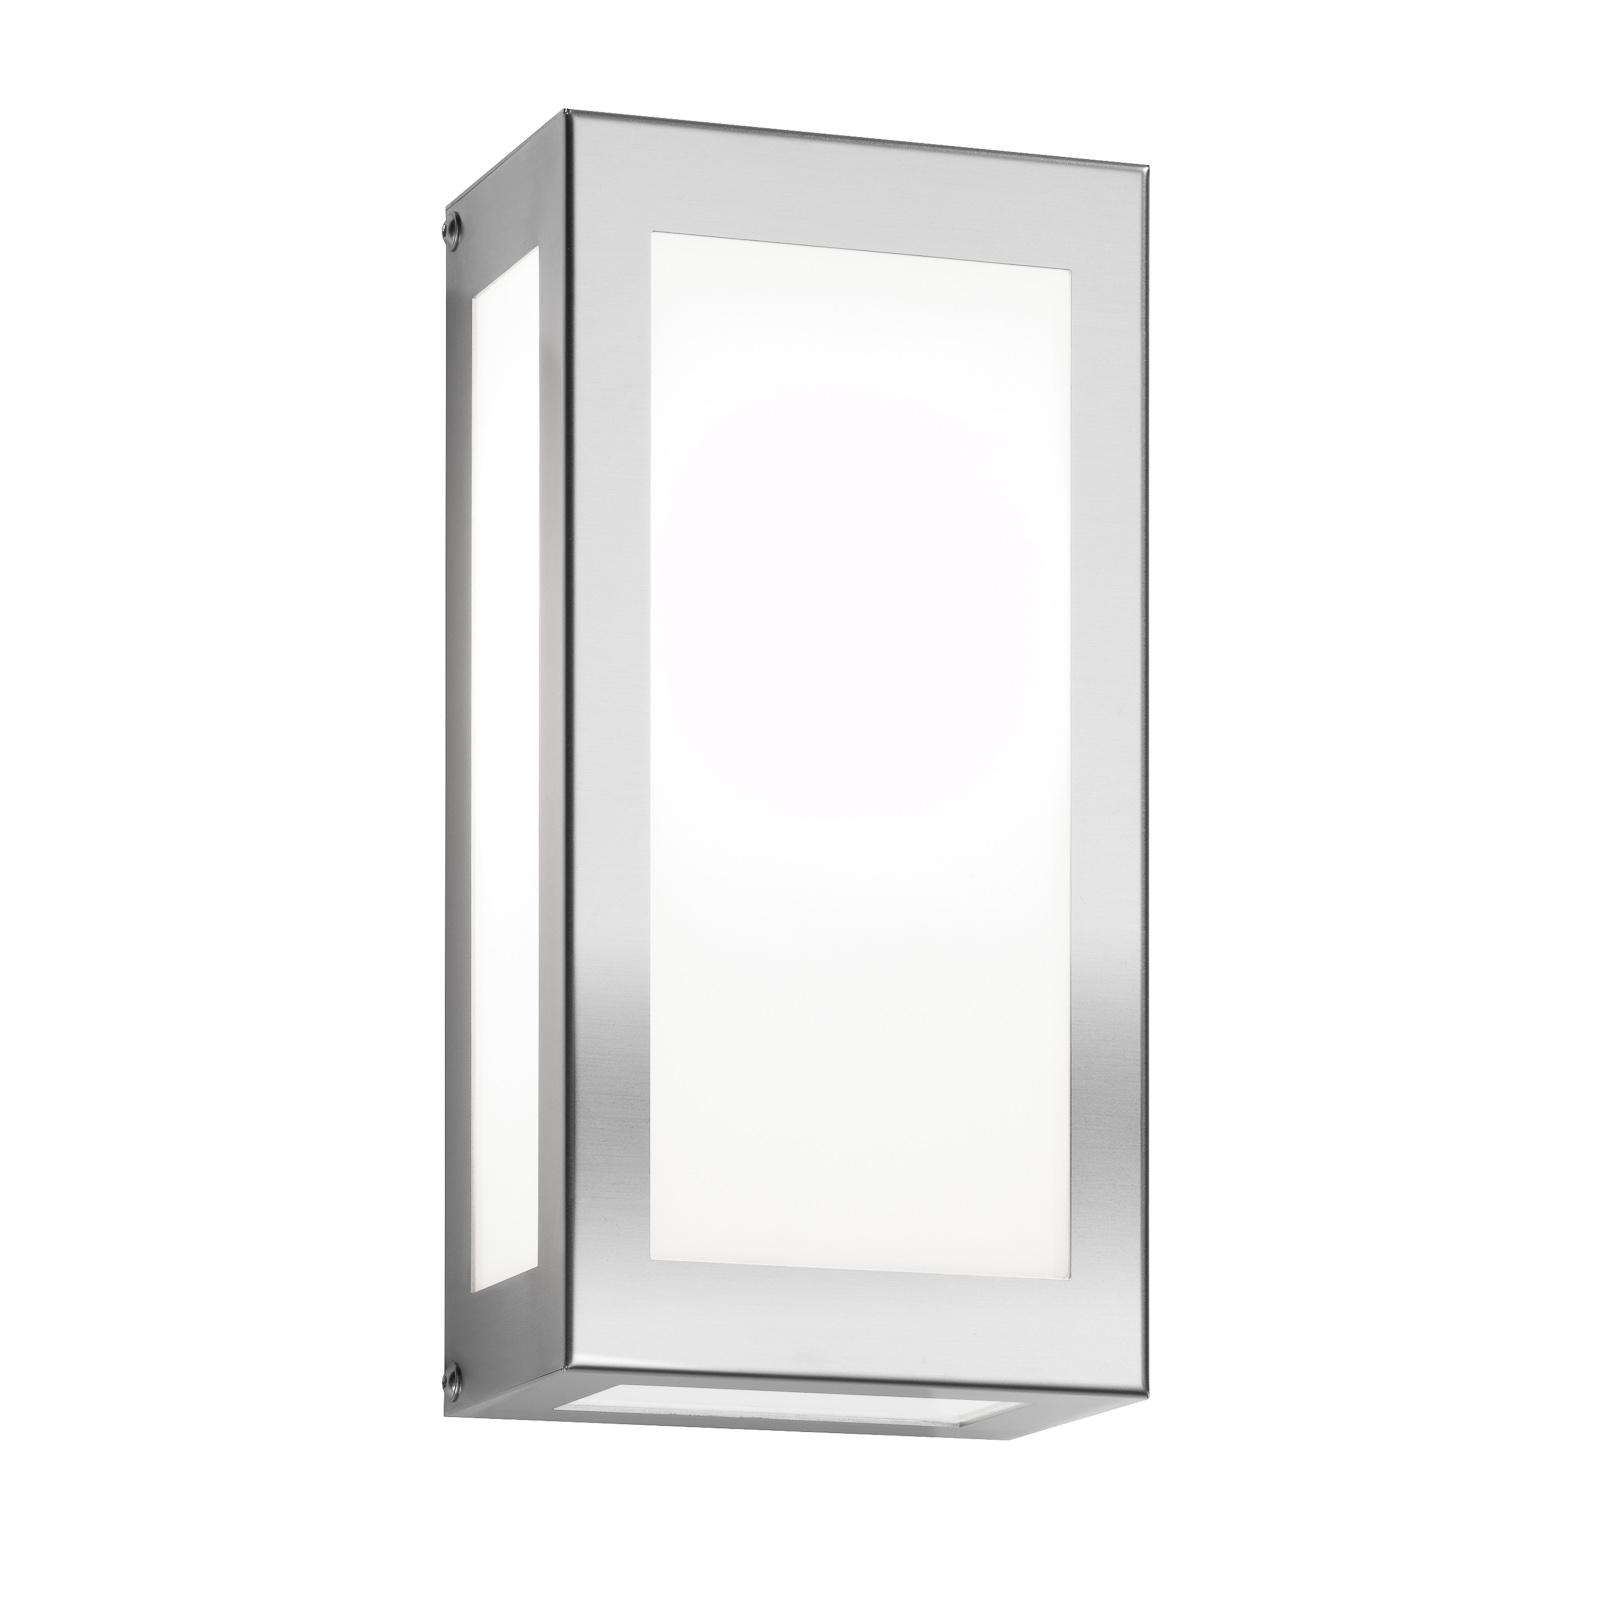 Kina rectangular LED outdoor wall light_2011220_1